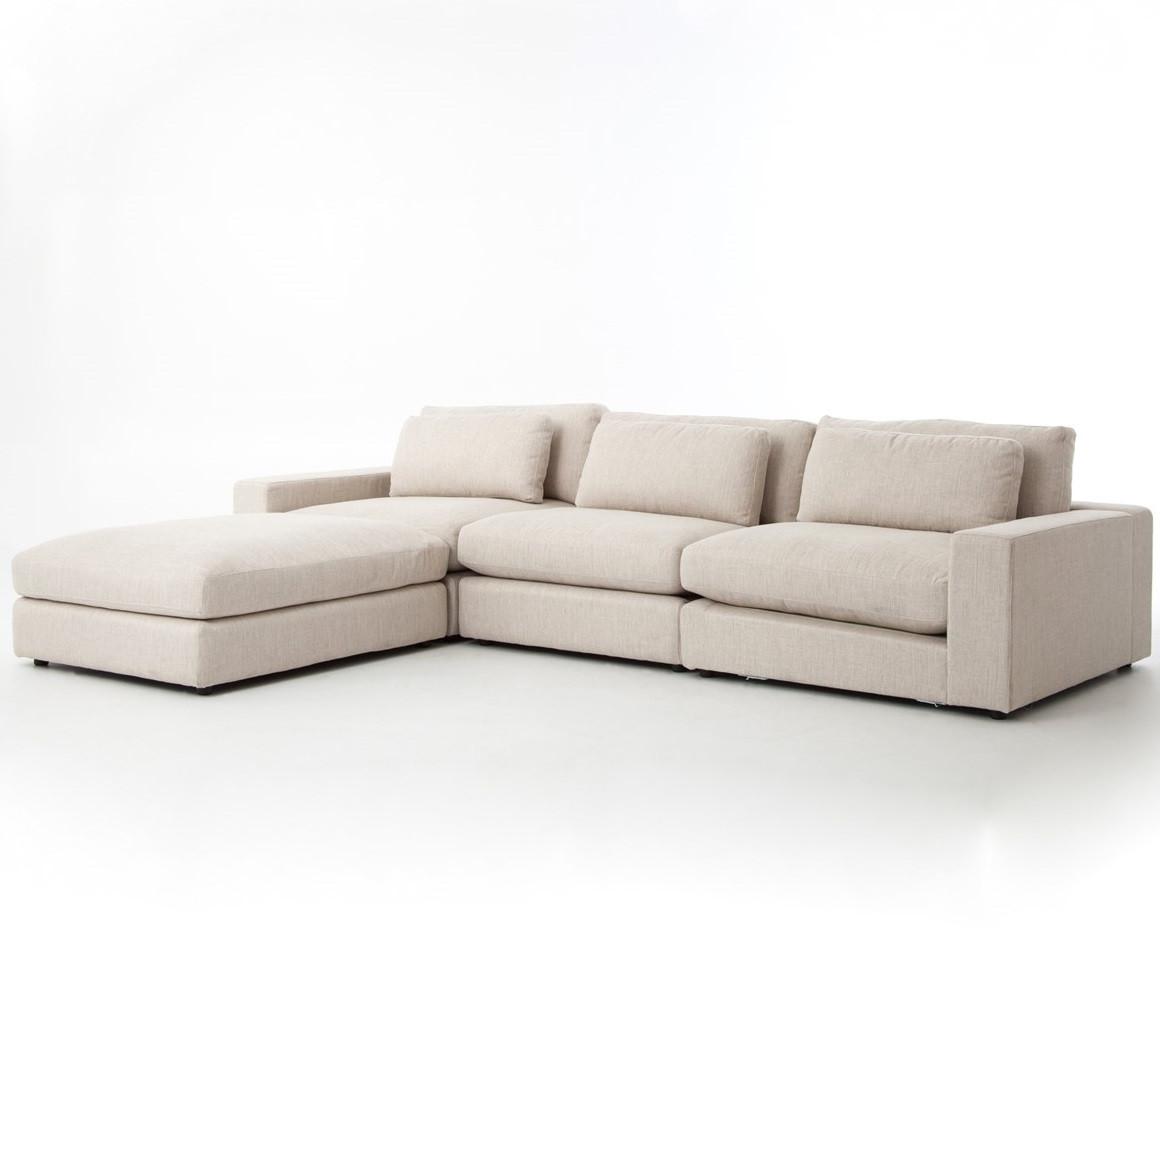 Bloor Beige Contemporary 4 Piece Sectional Sofa Zin Home